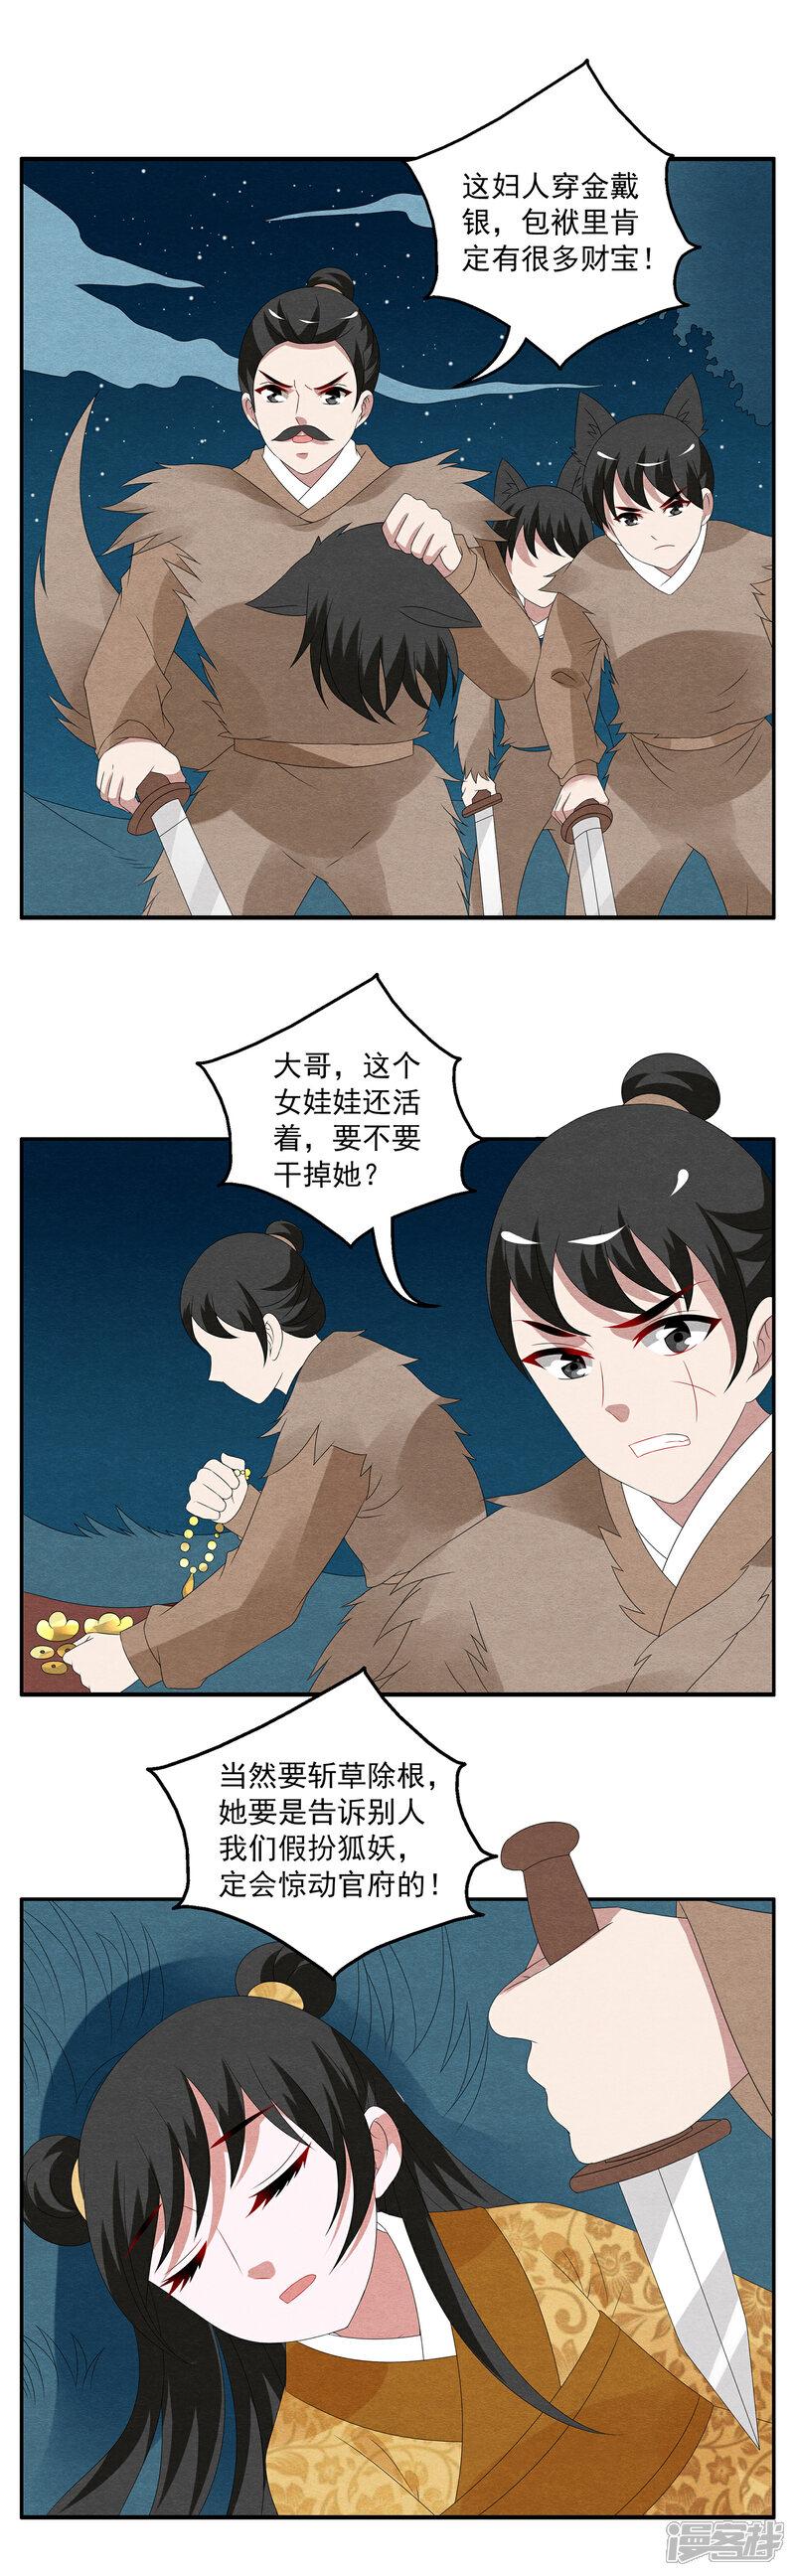 洛小妖1021030006-1.jpg